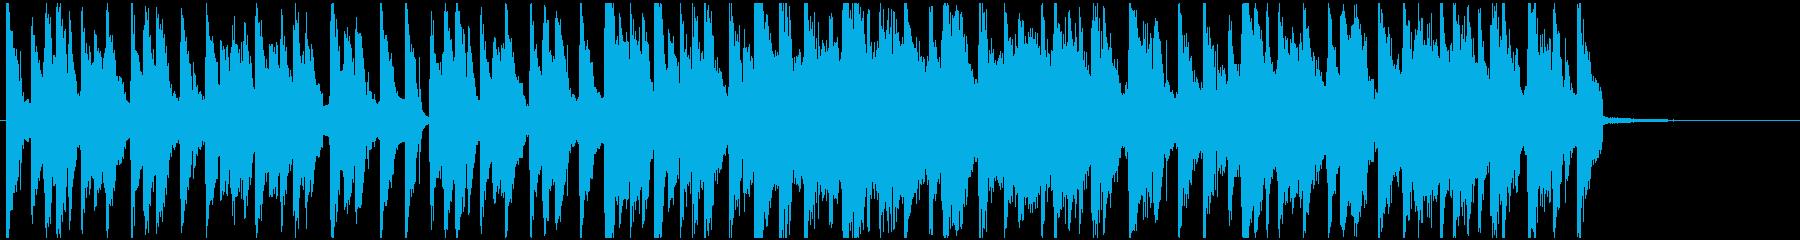 疾走感のあるエレクトロハウスのジングルの再生済みの波形